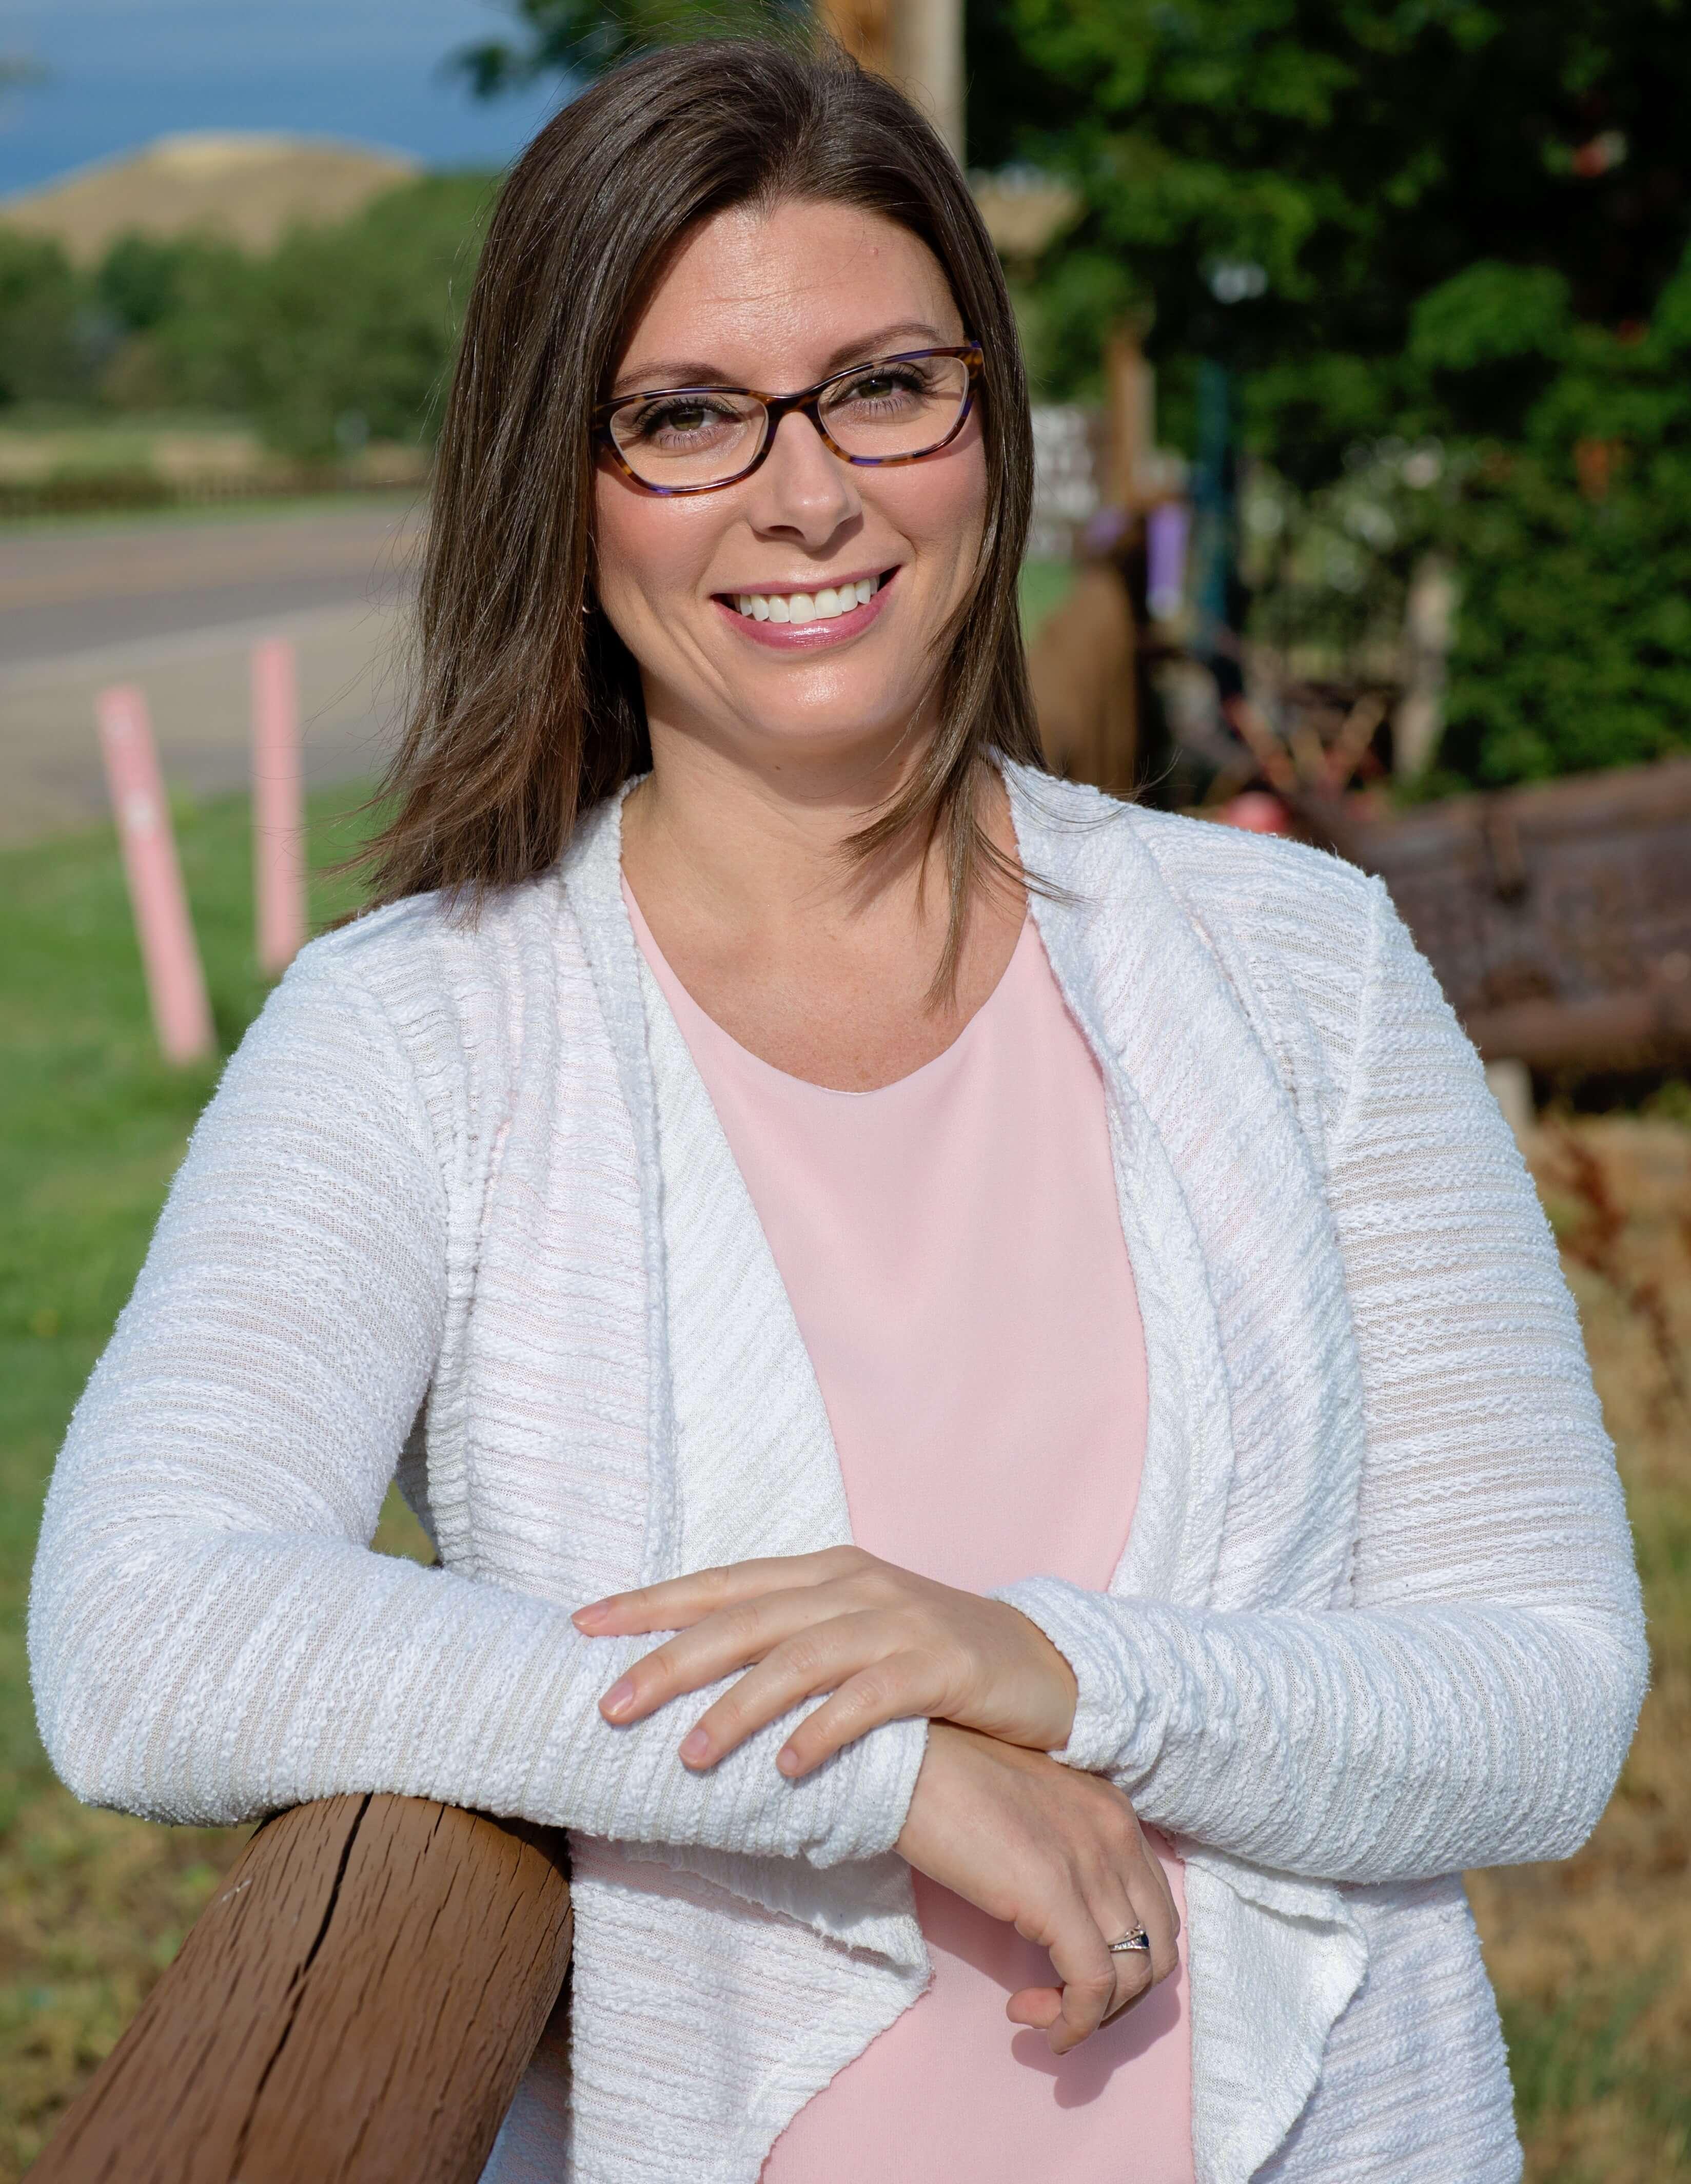 Shawna Karman